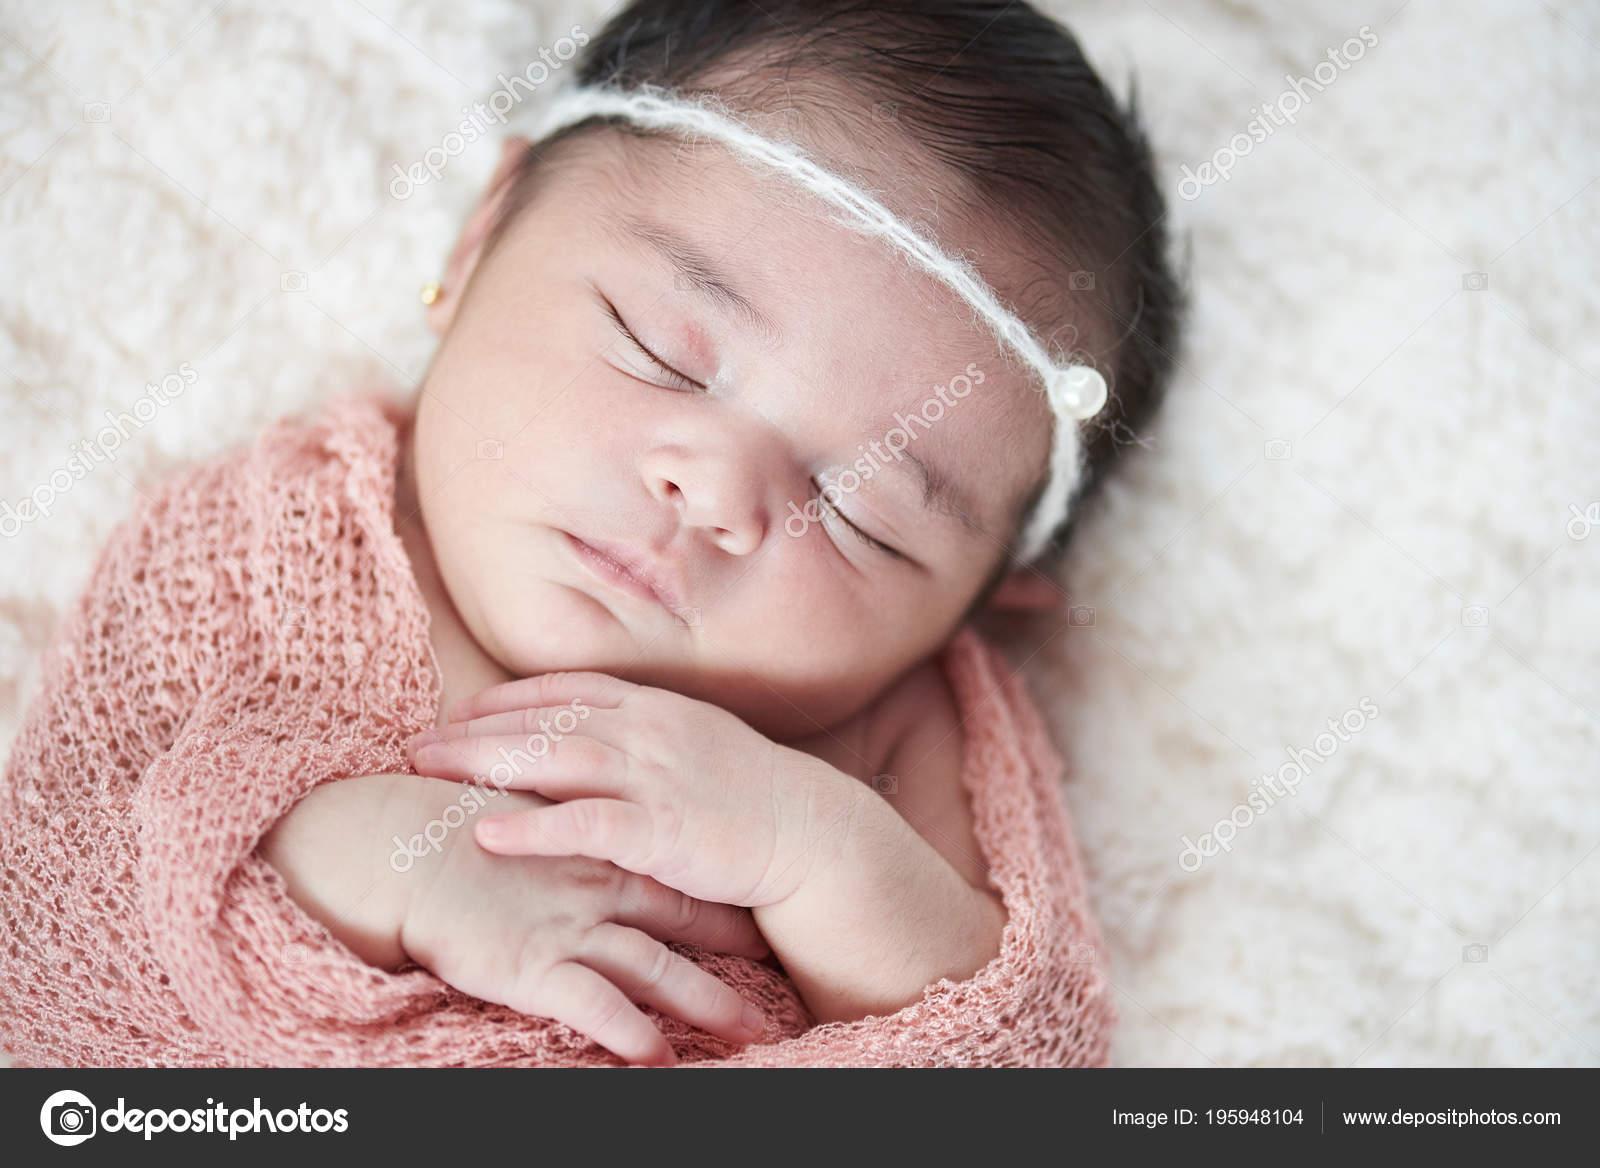 Latina recién nacido bebé niña — Foto de Stock 0de1716e7a5